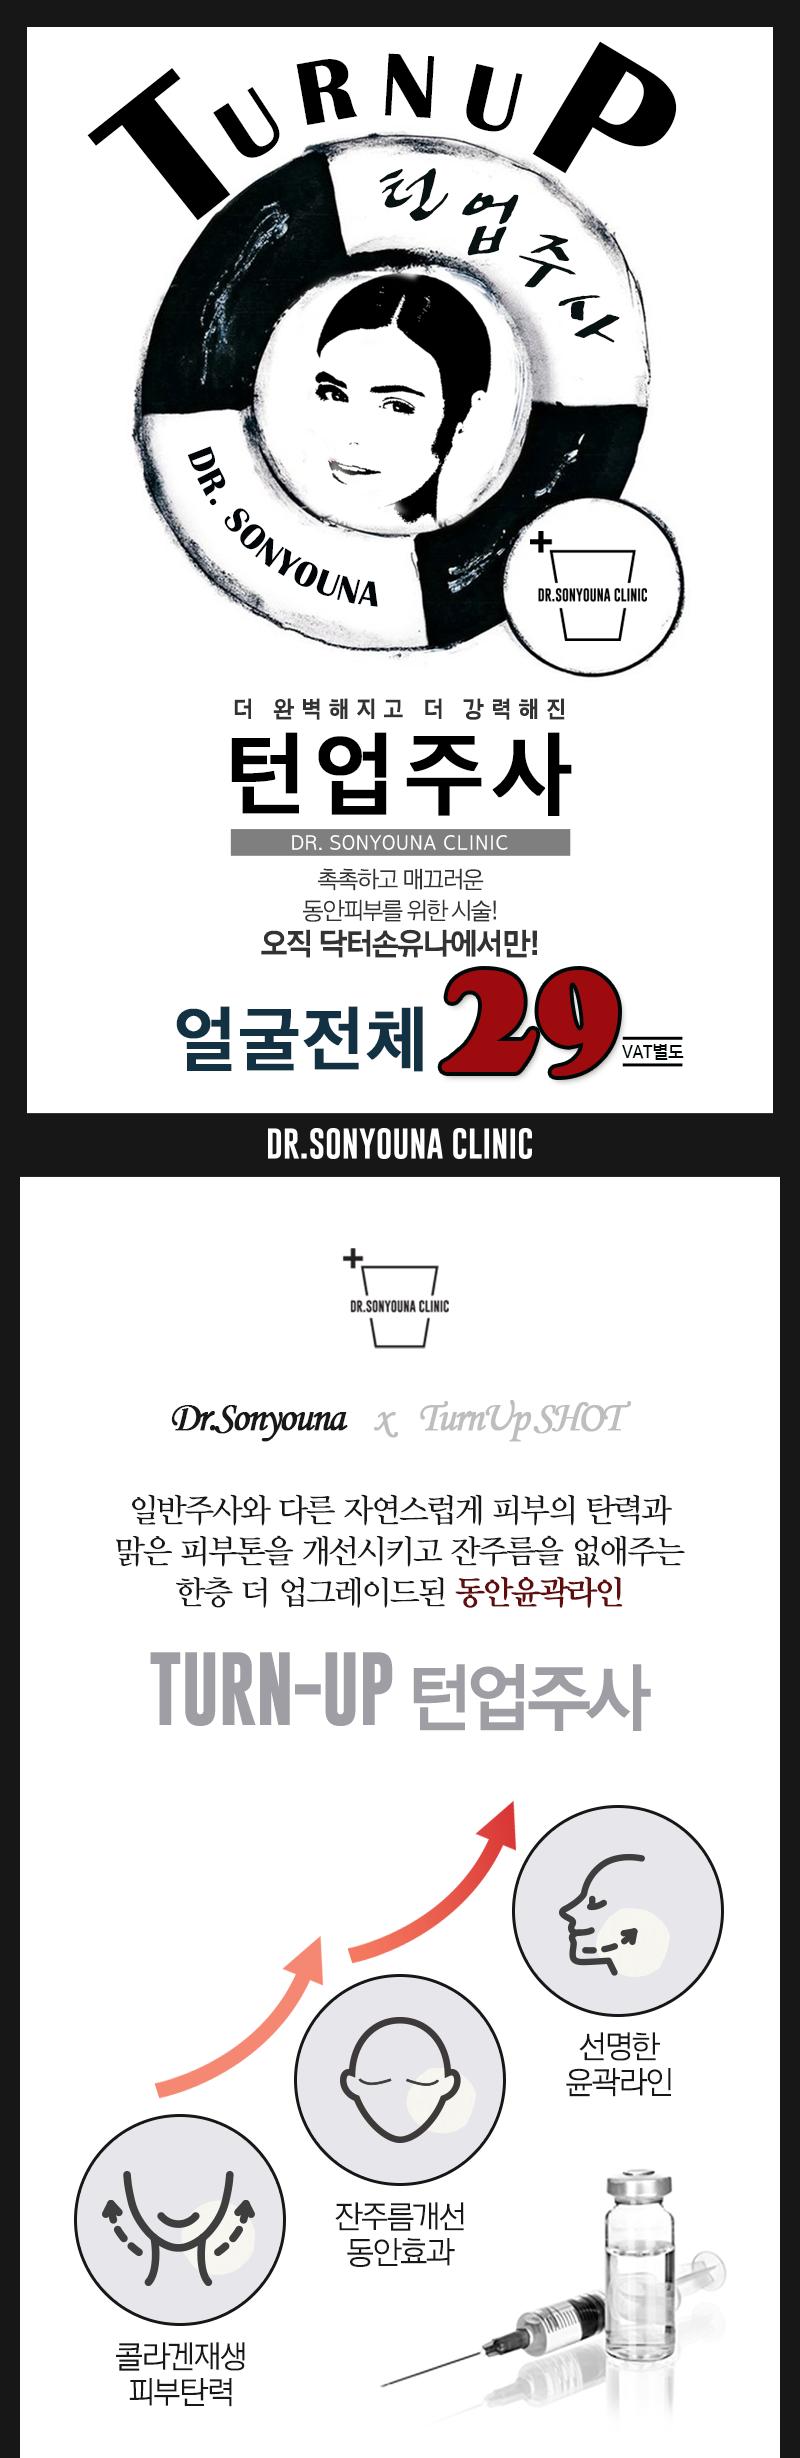 D event info 85c0ab9235b305658a